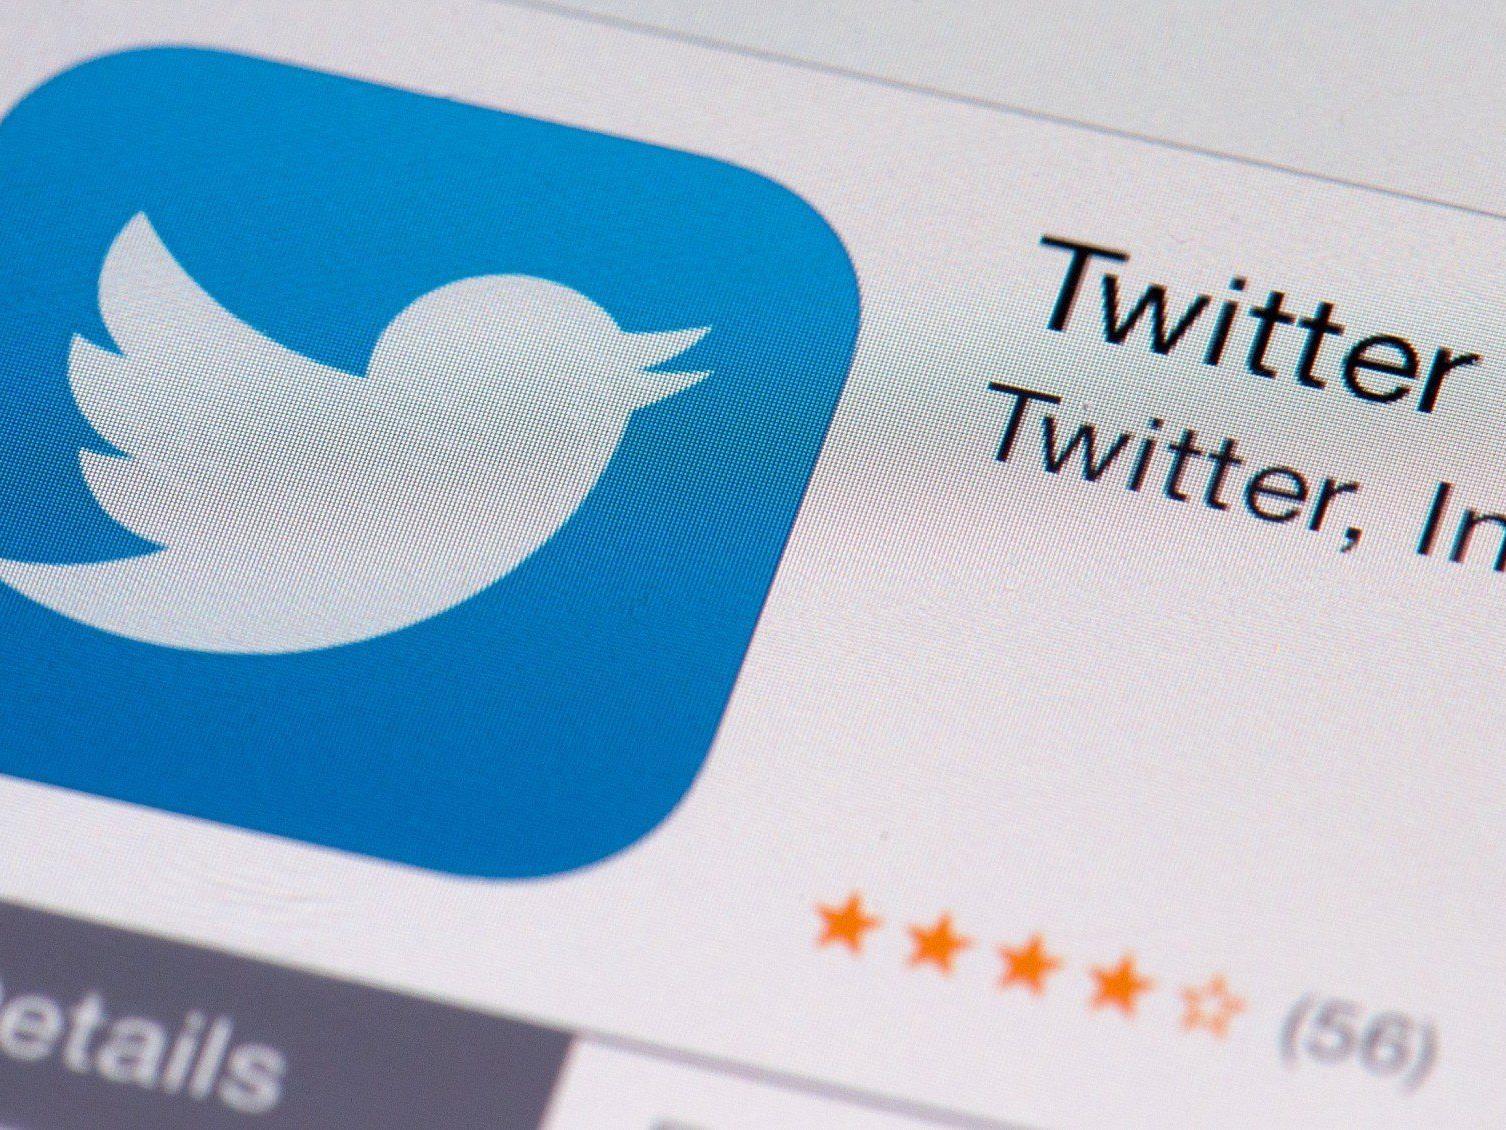 Twitter-Panne: Kurznachrichtendienst setzt Passwörter versehentlich zurück.